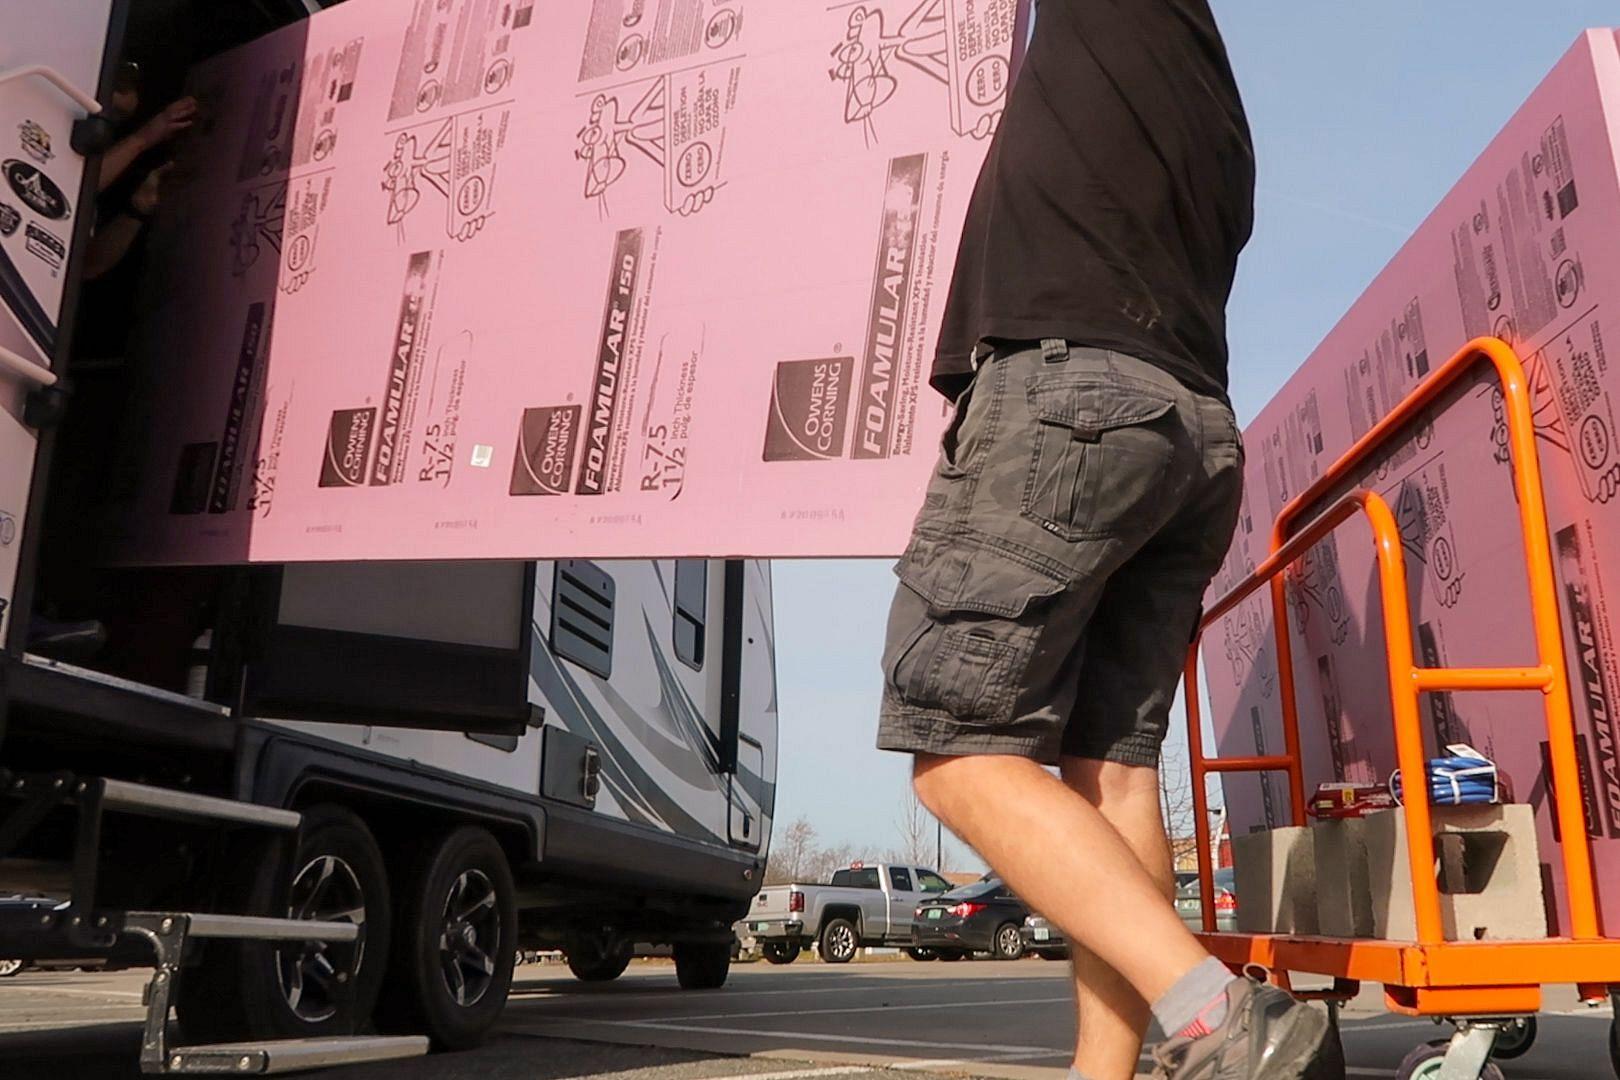 Transporting Foam Boards in RV